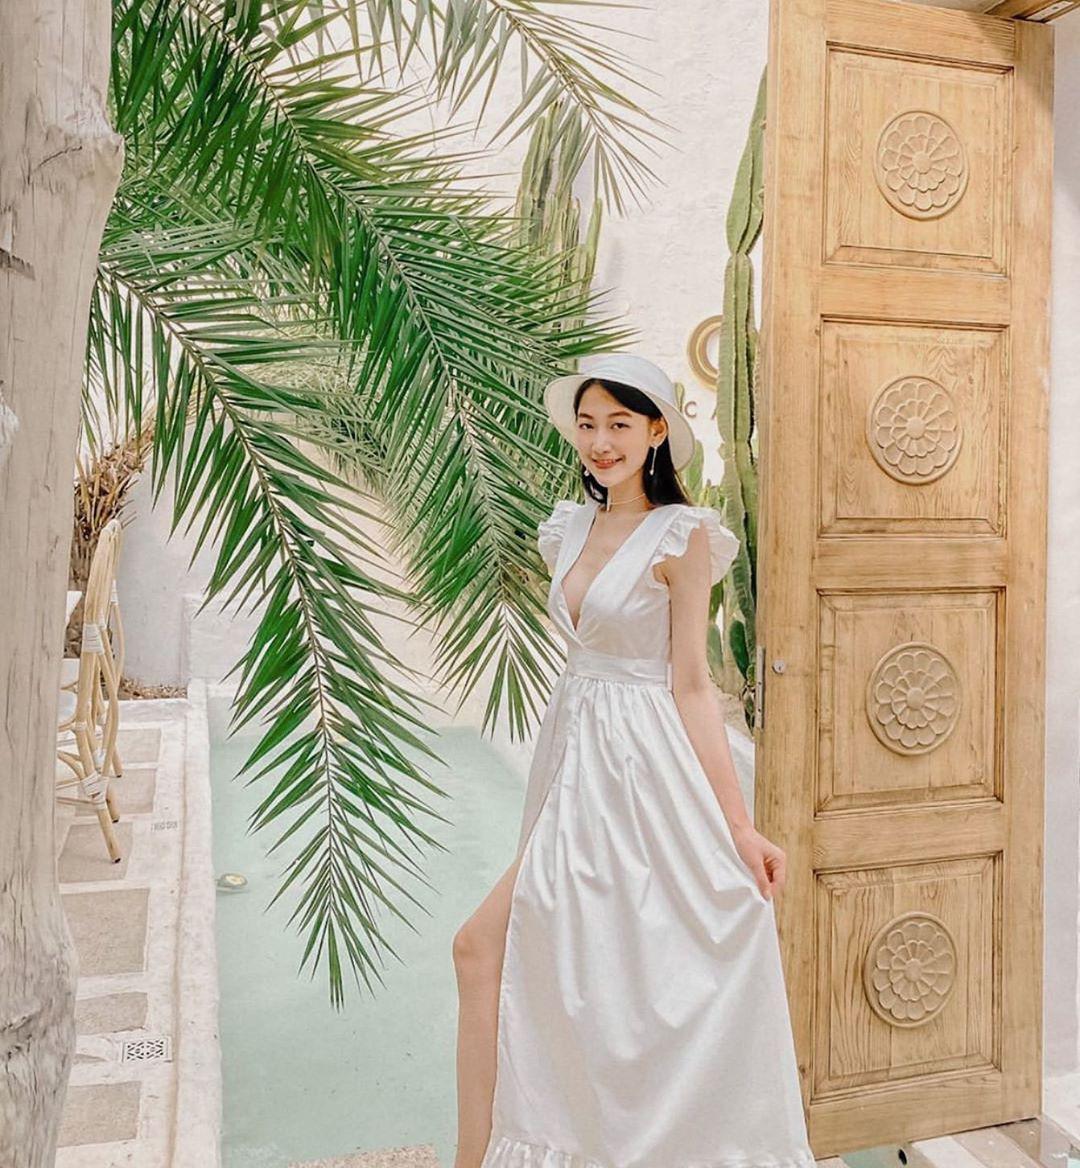 Trời se lạnh mà quẩy váy dáng dài là style sẽ yêu kiều như gái Pháp, điểm sang chảnh cũng tăng ngùn ngụt - Ảnh 13.